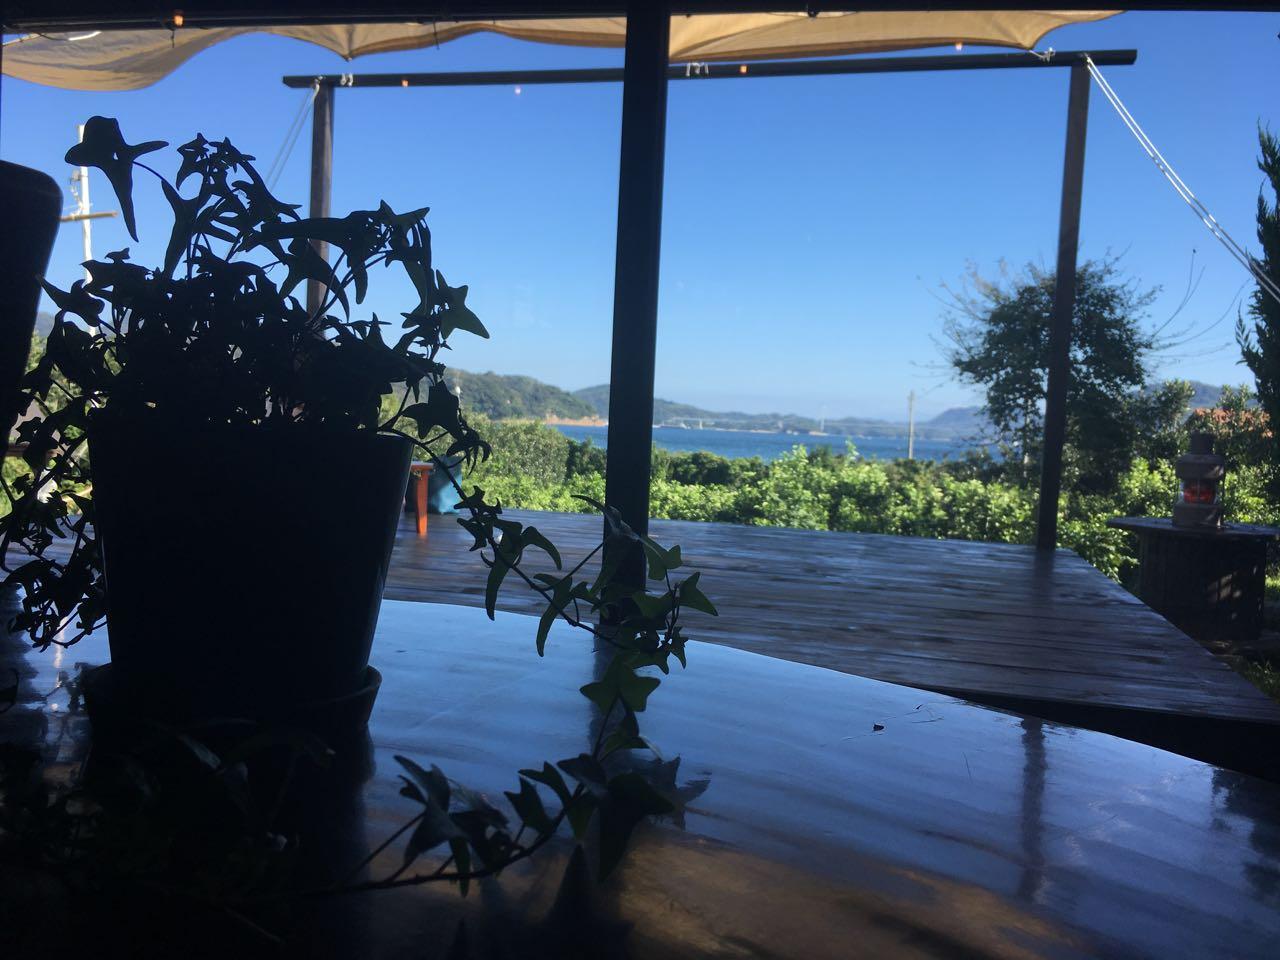 みとん今治,大三島オミシマコーヒー焙煎所,絶景,カフェ,コーヒー